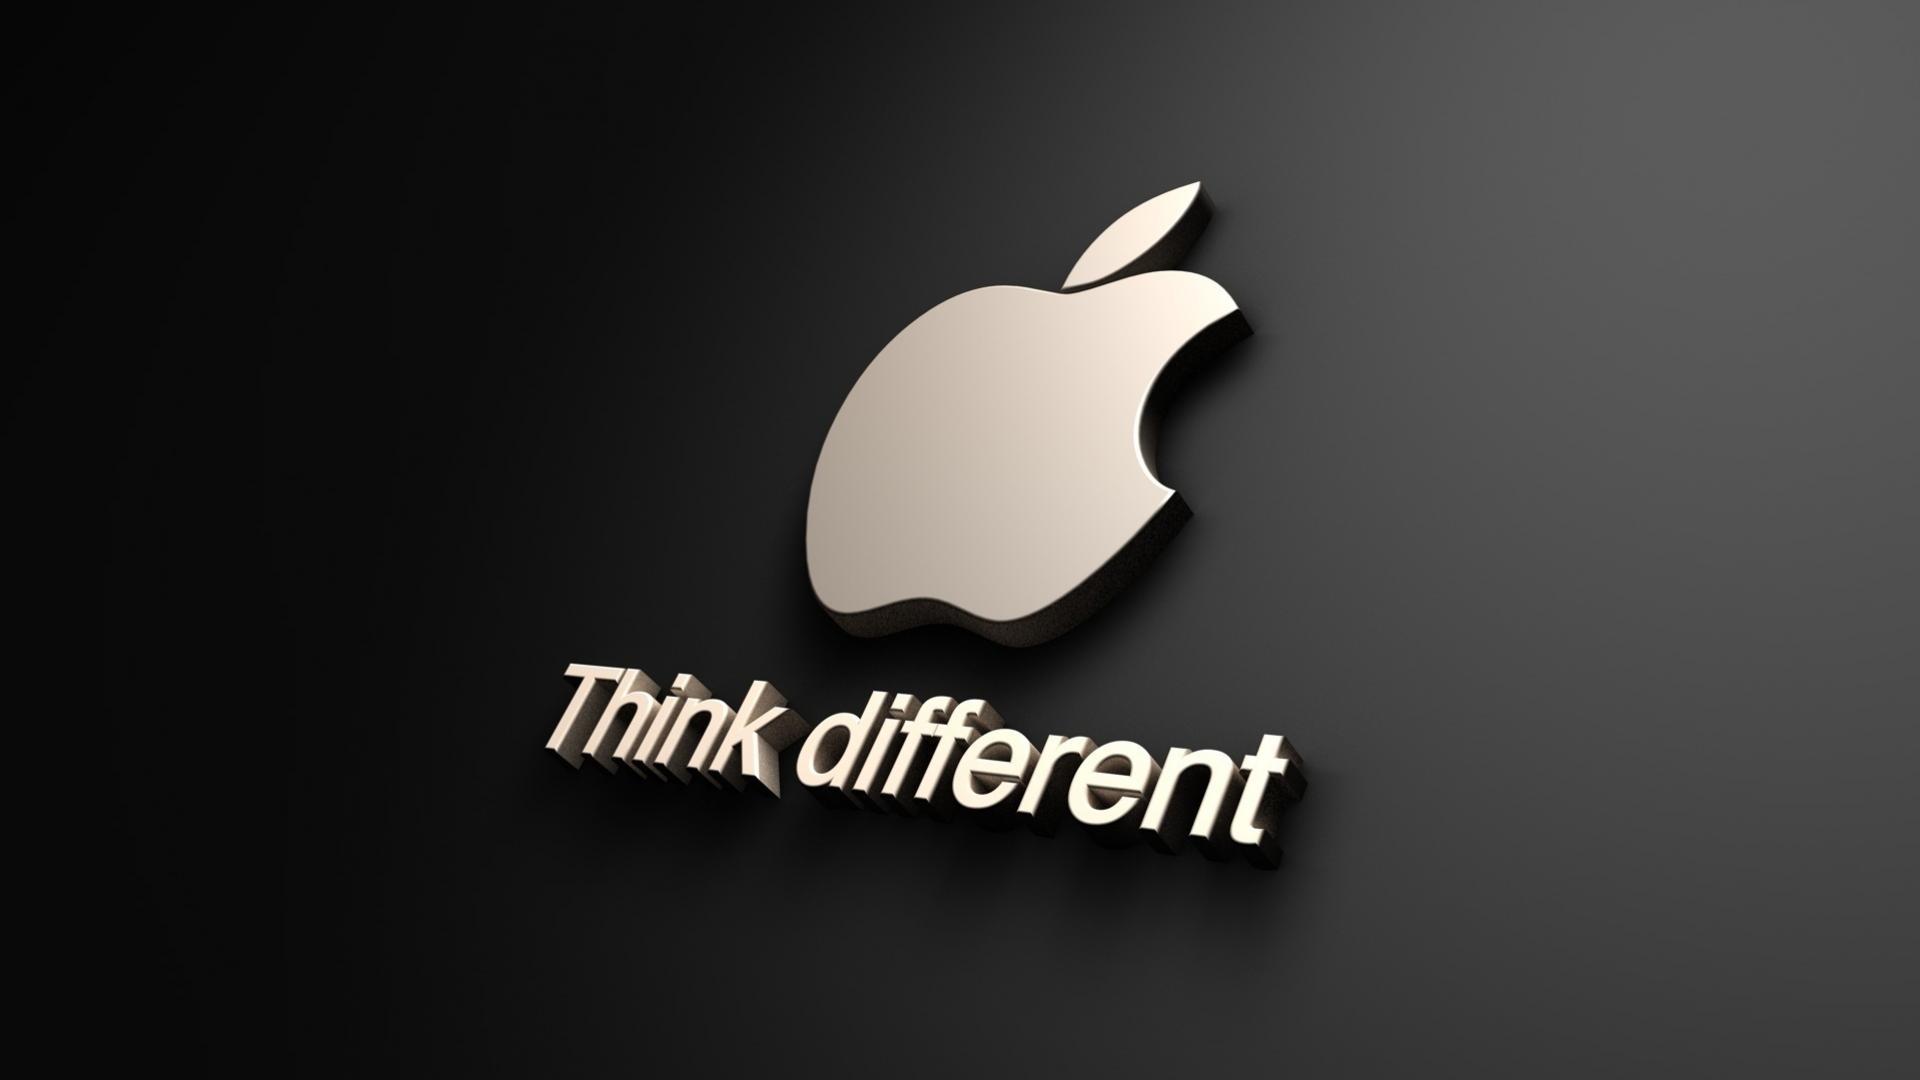 Kode voucher promo Apple Indonesia diskon hingga 90%! temukan kuponnya hanya di DiskonAja